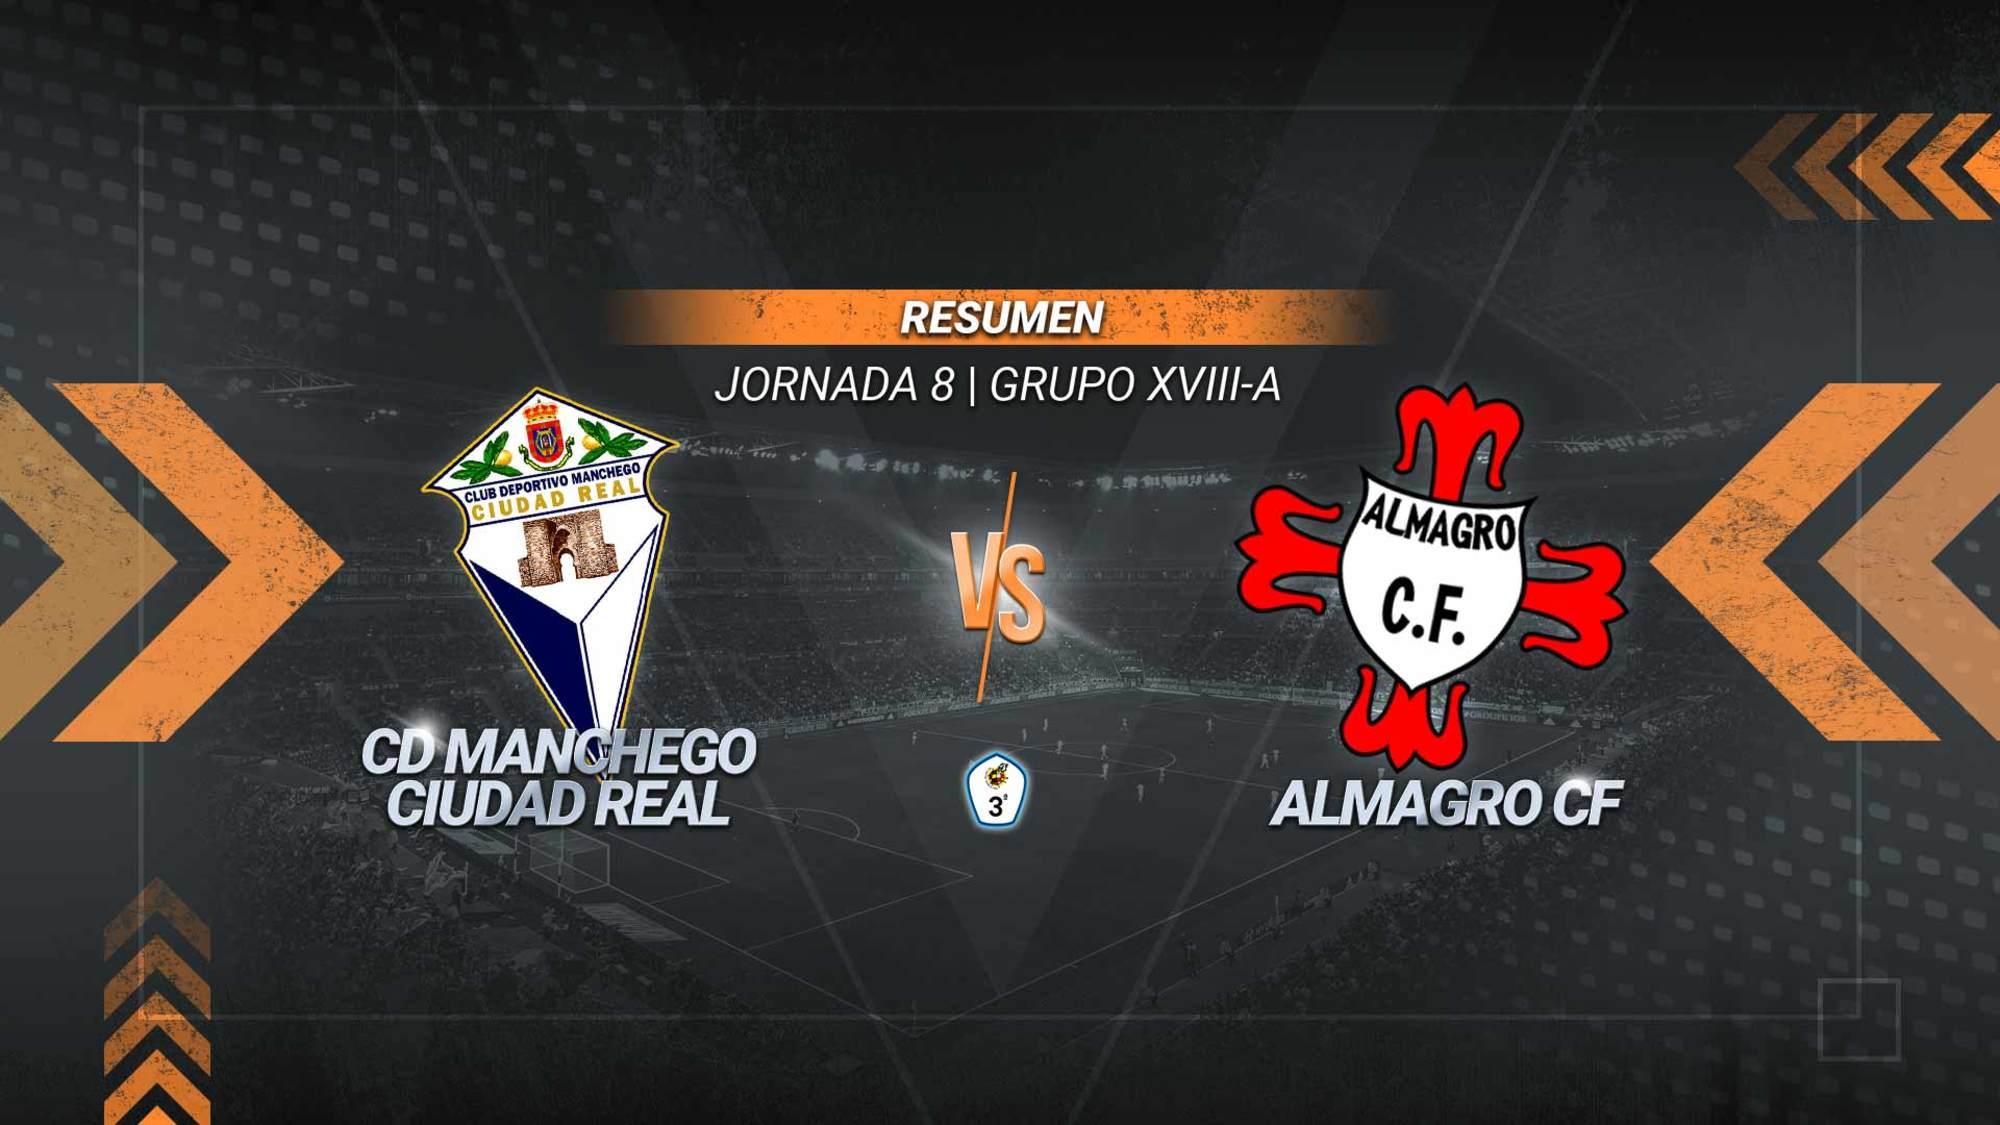 El Manchego estrena su casillero de victorias con una goleada en su campo ante el Almagro. Gregori, Christian y Erik Polanco anotaron los tantos del partido.